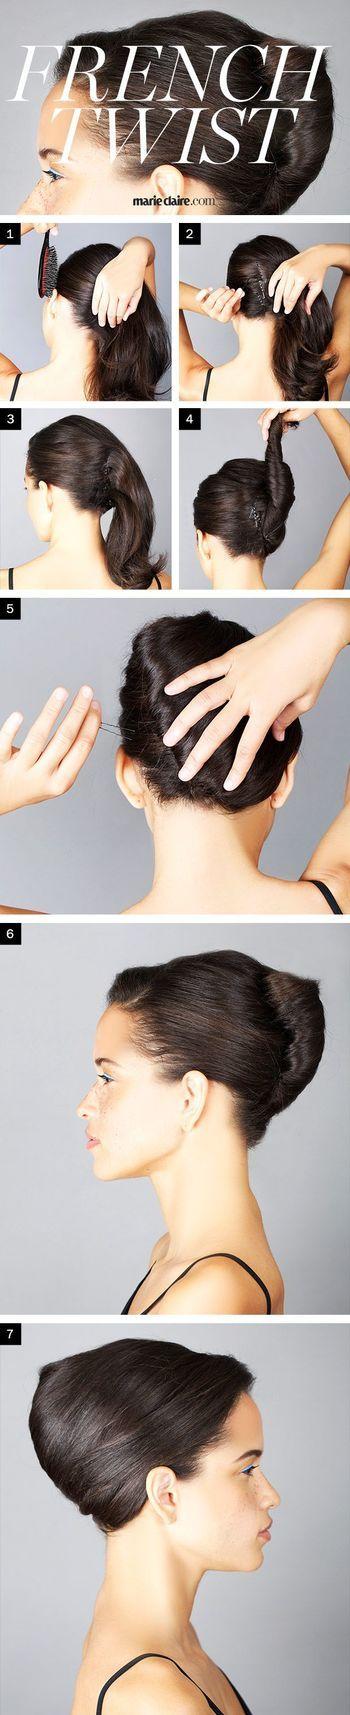 基本の「フレンチツイスト」の作り方です。  【手順】  Step1. サイドの髪をブラッシングしてなめらかな面をつくります。 Step2. Step3. 髪を固定するためにピンでとめていきます。ピンの口が上に向くように垂直にとめるのがポイントです。 Step4. 髪を持ち上向きにねじり上げていきます。ねじり終わったら毛先をツイスト部分に挟み込みます。 Step5. 完全に固定するためにツイスト部分にピンを追加していきます。(3〜4センチ間隔くらい。)  完成です!